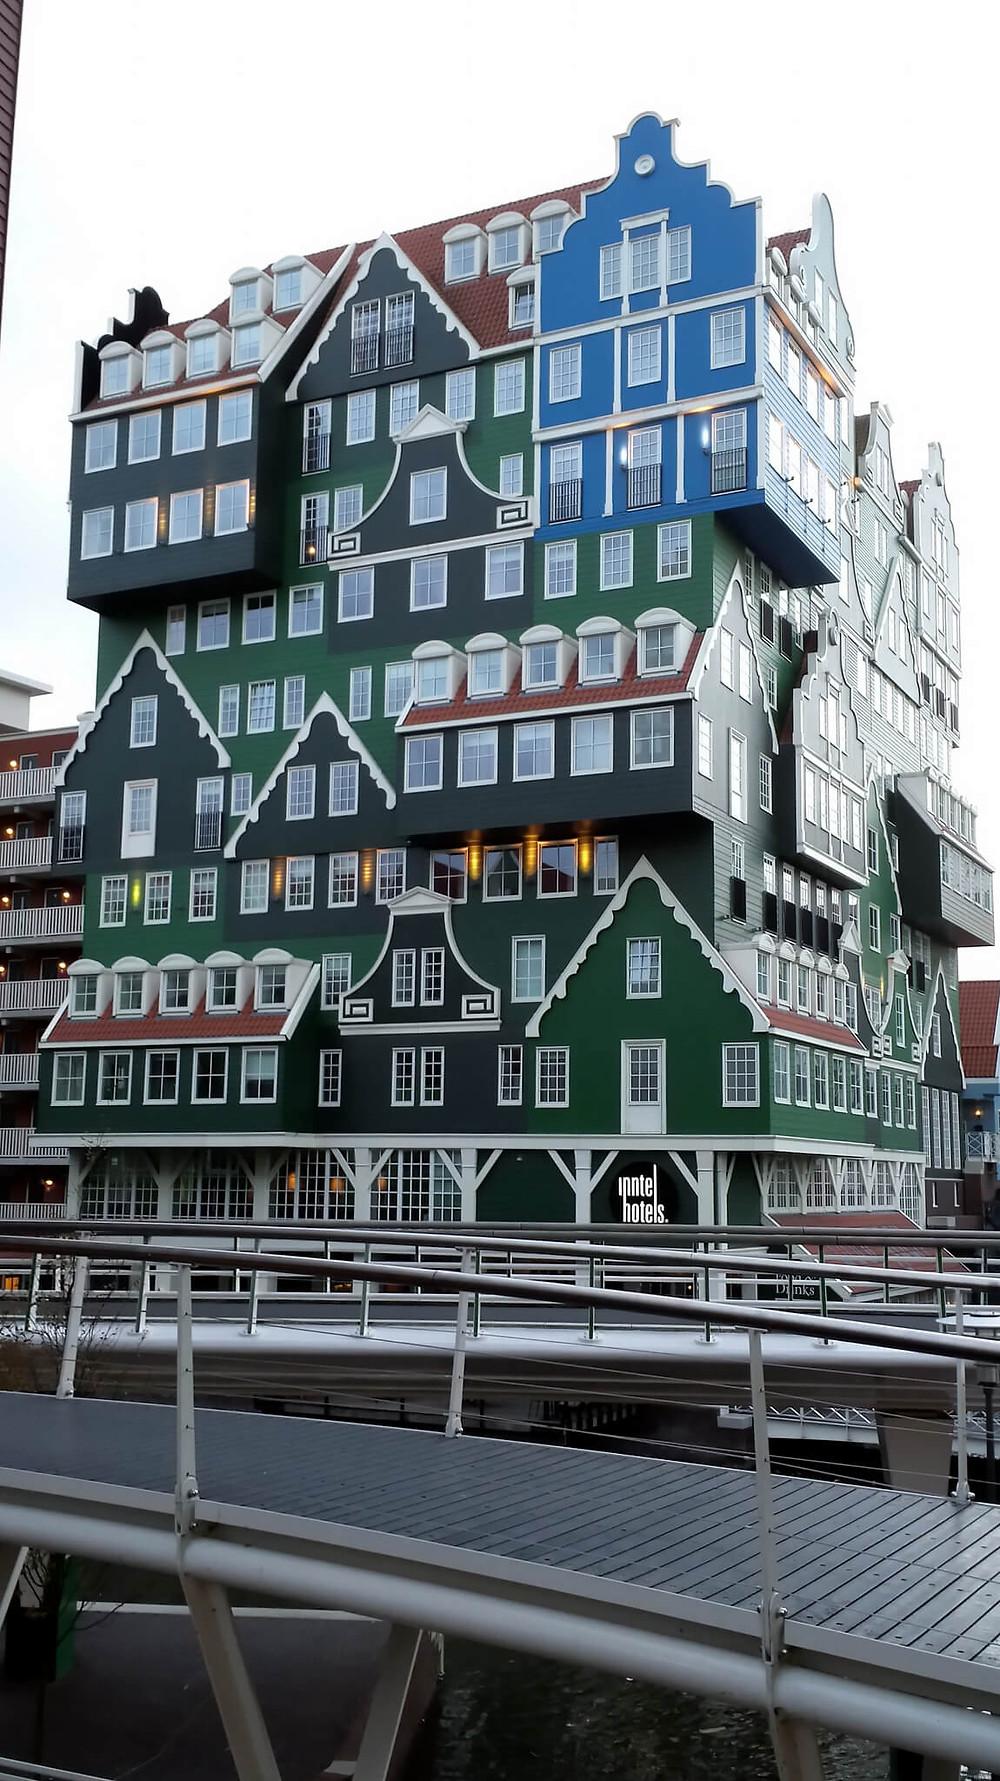 Inntel Hotels Zaandam - Beejonson